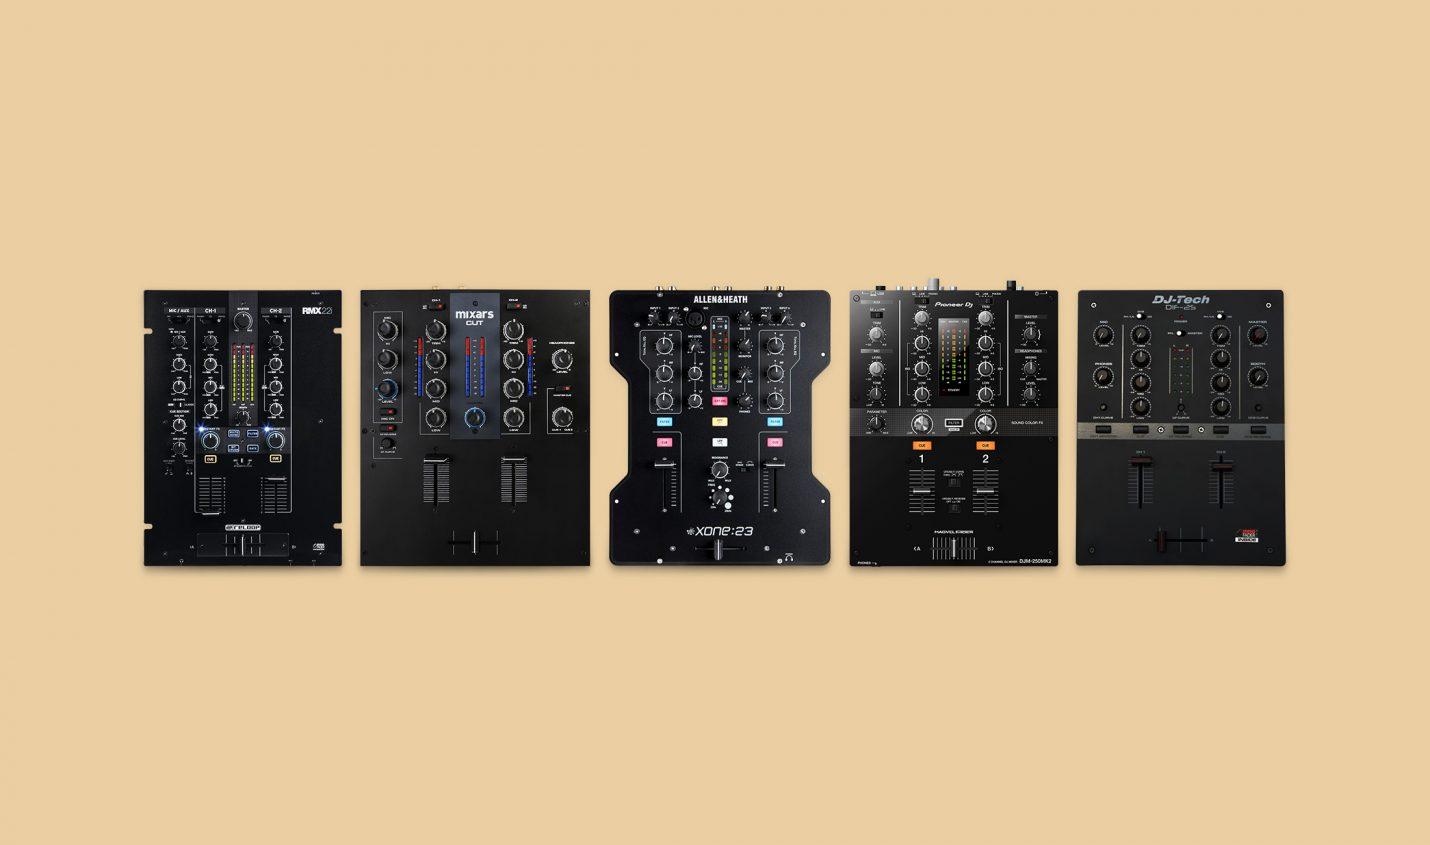 Überblick: Die fünf besten DJ-Mixer für Einsteiger 2019